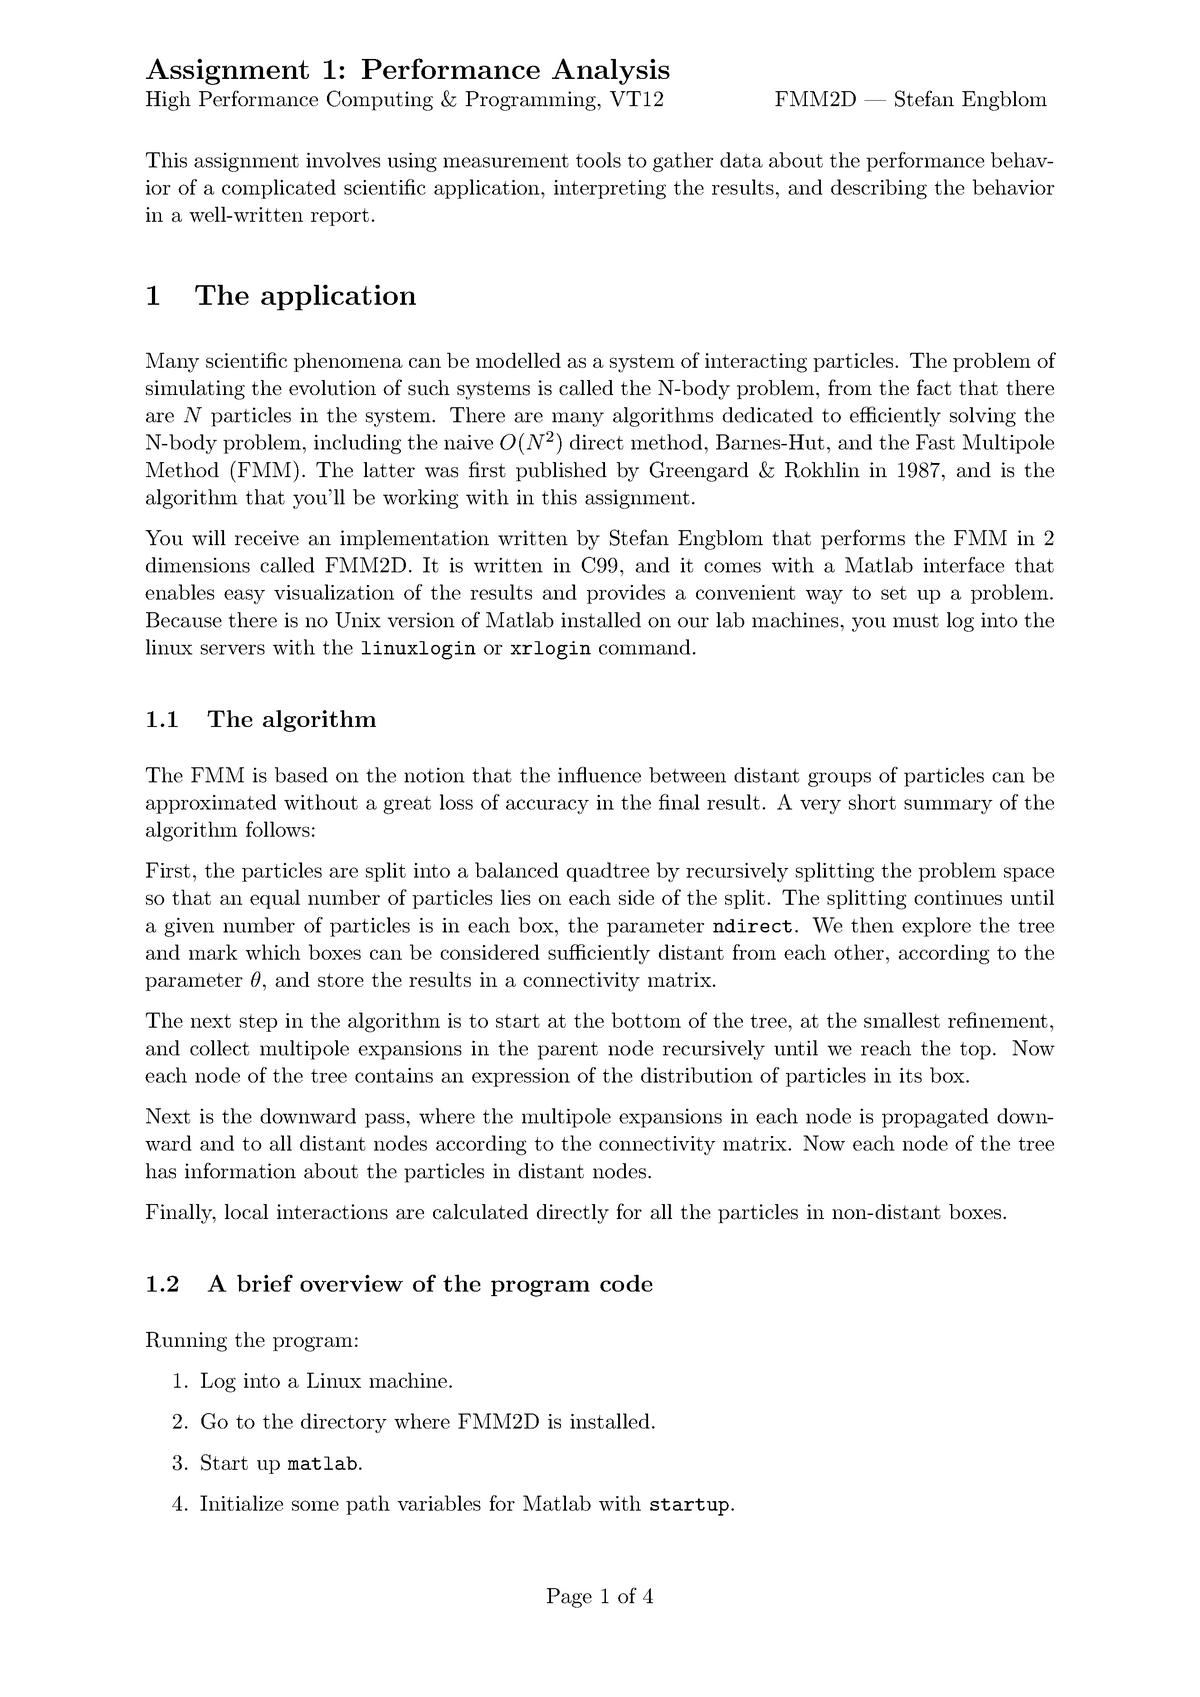 Mandatory Assignments 1&2 - Högprestandaberäkningar Och